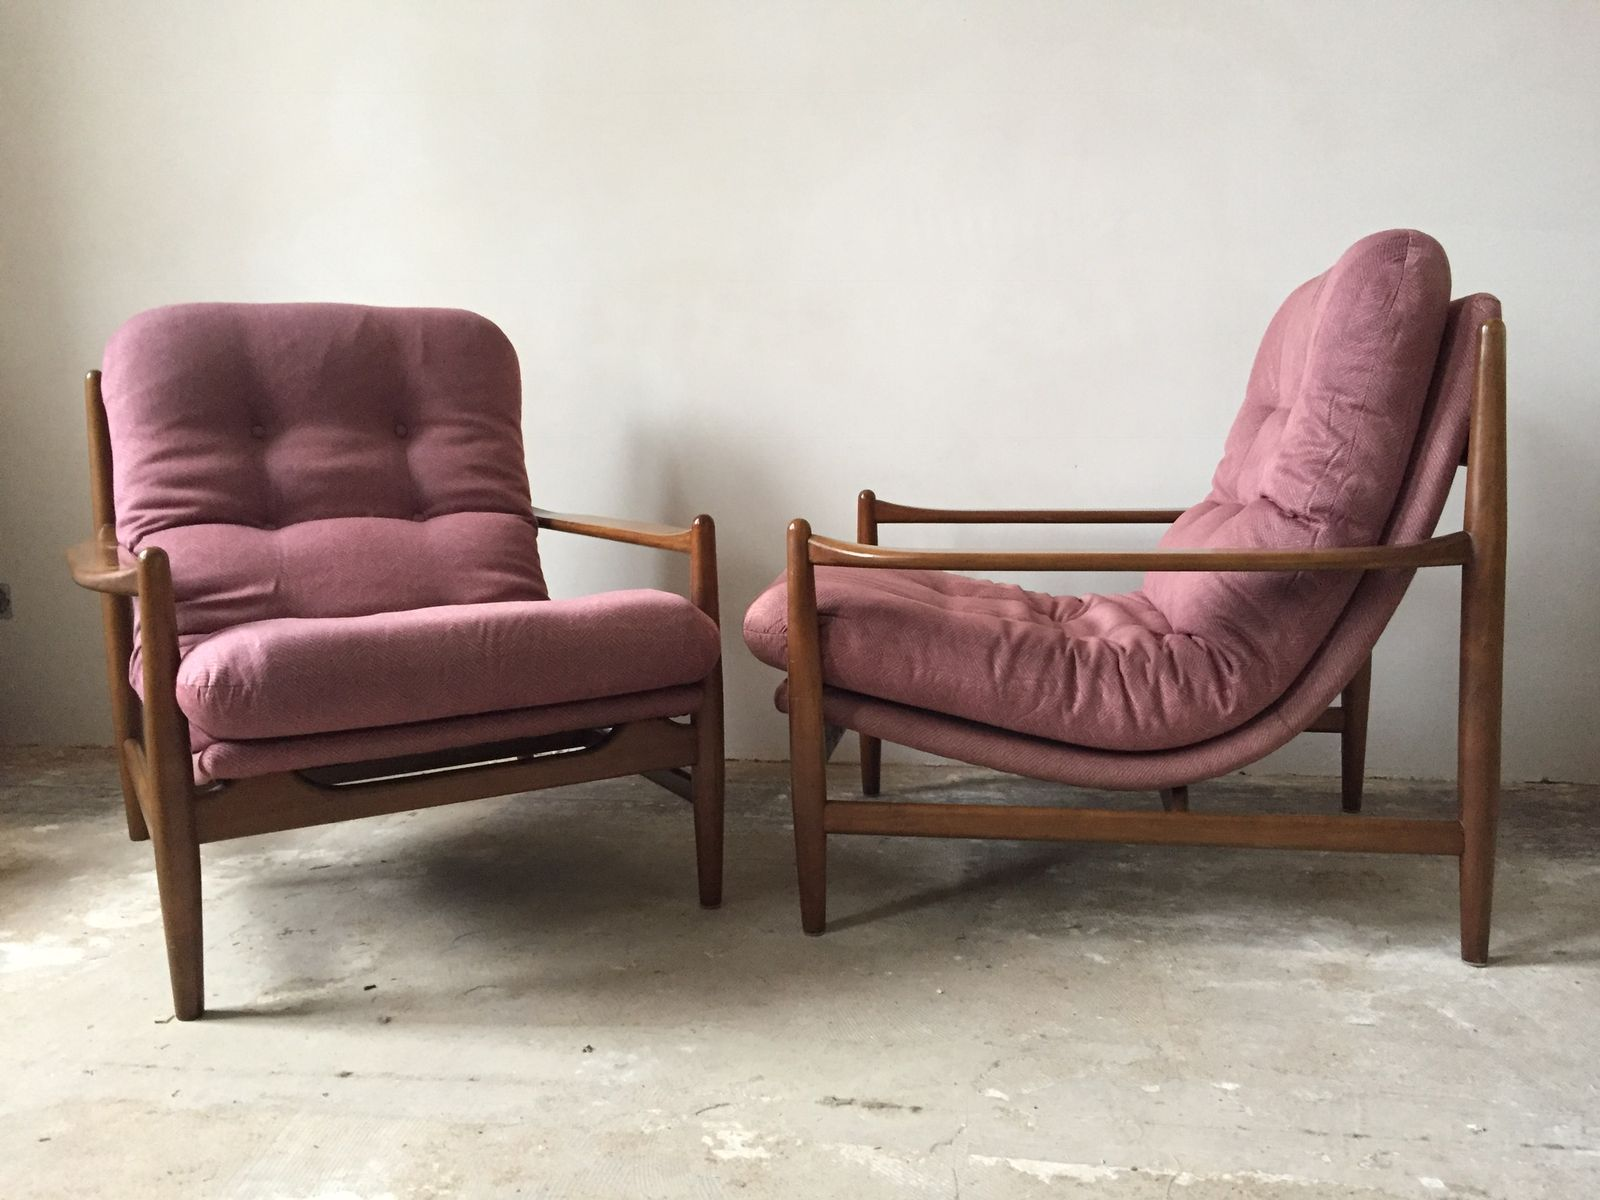 Superior Best Of Antique Lounge Chair Scheme